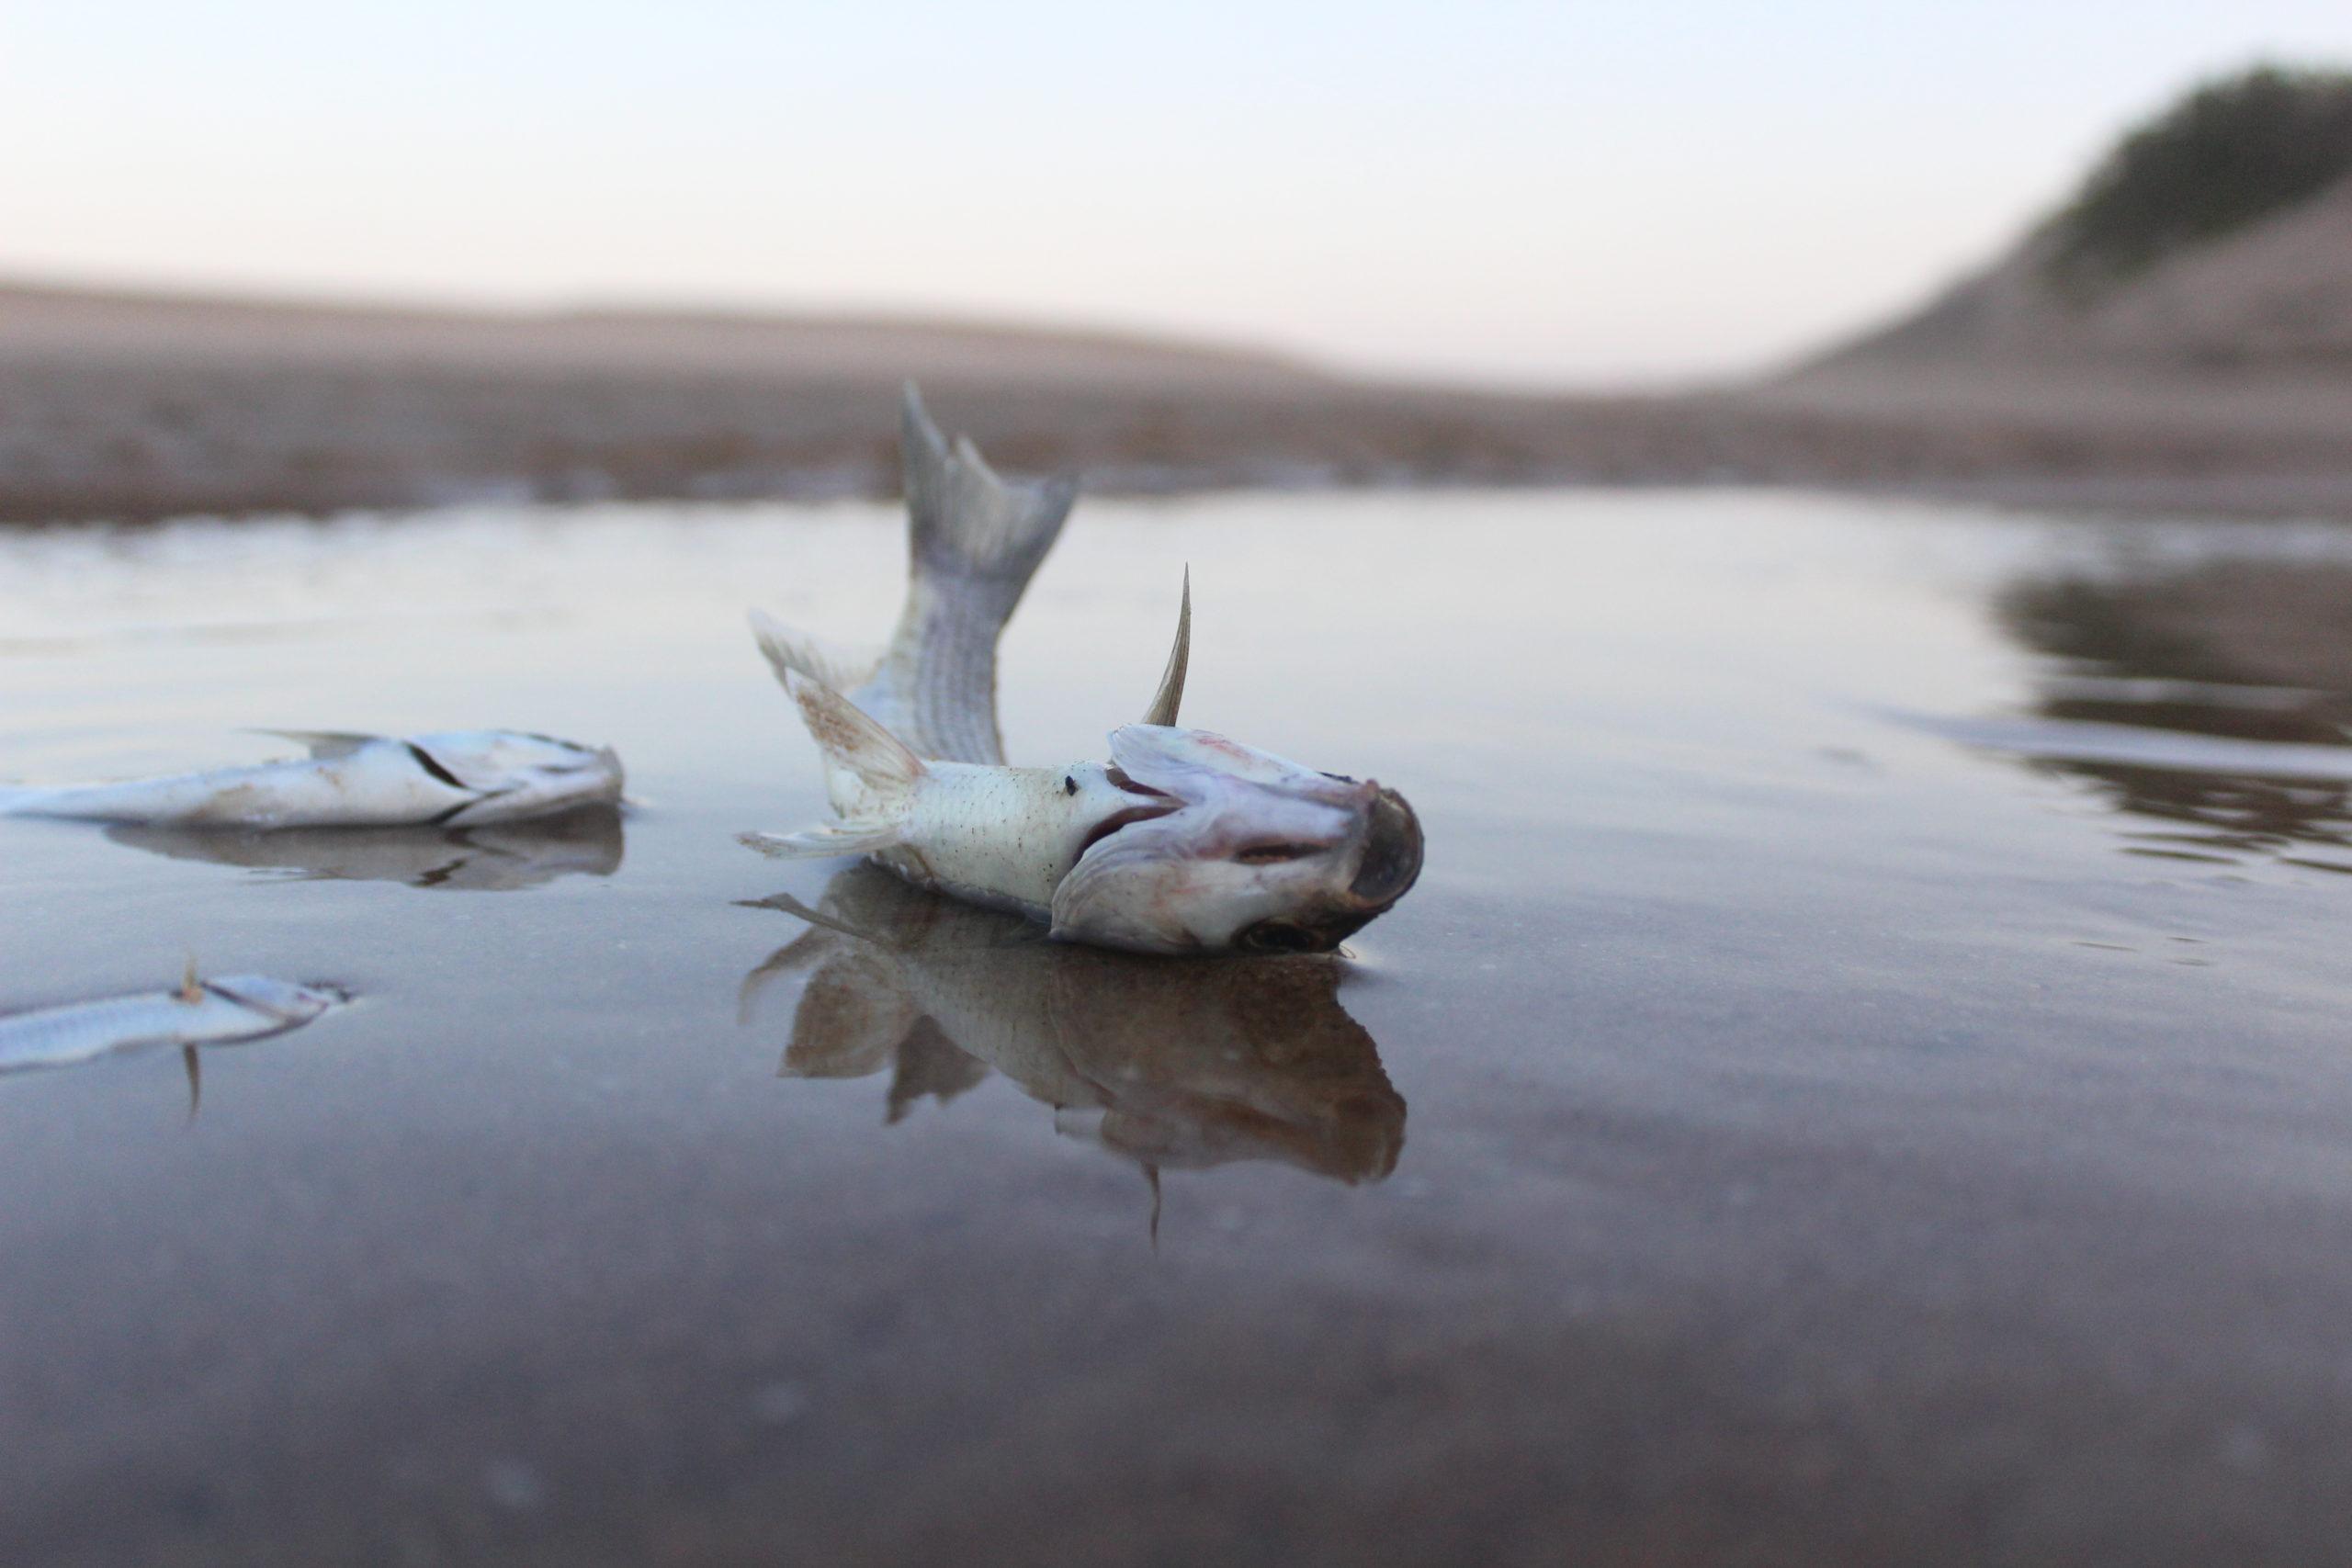 upl dead fish